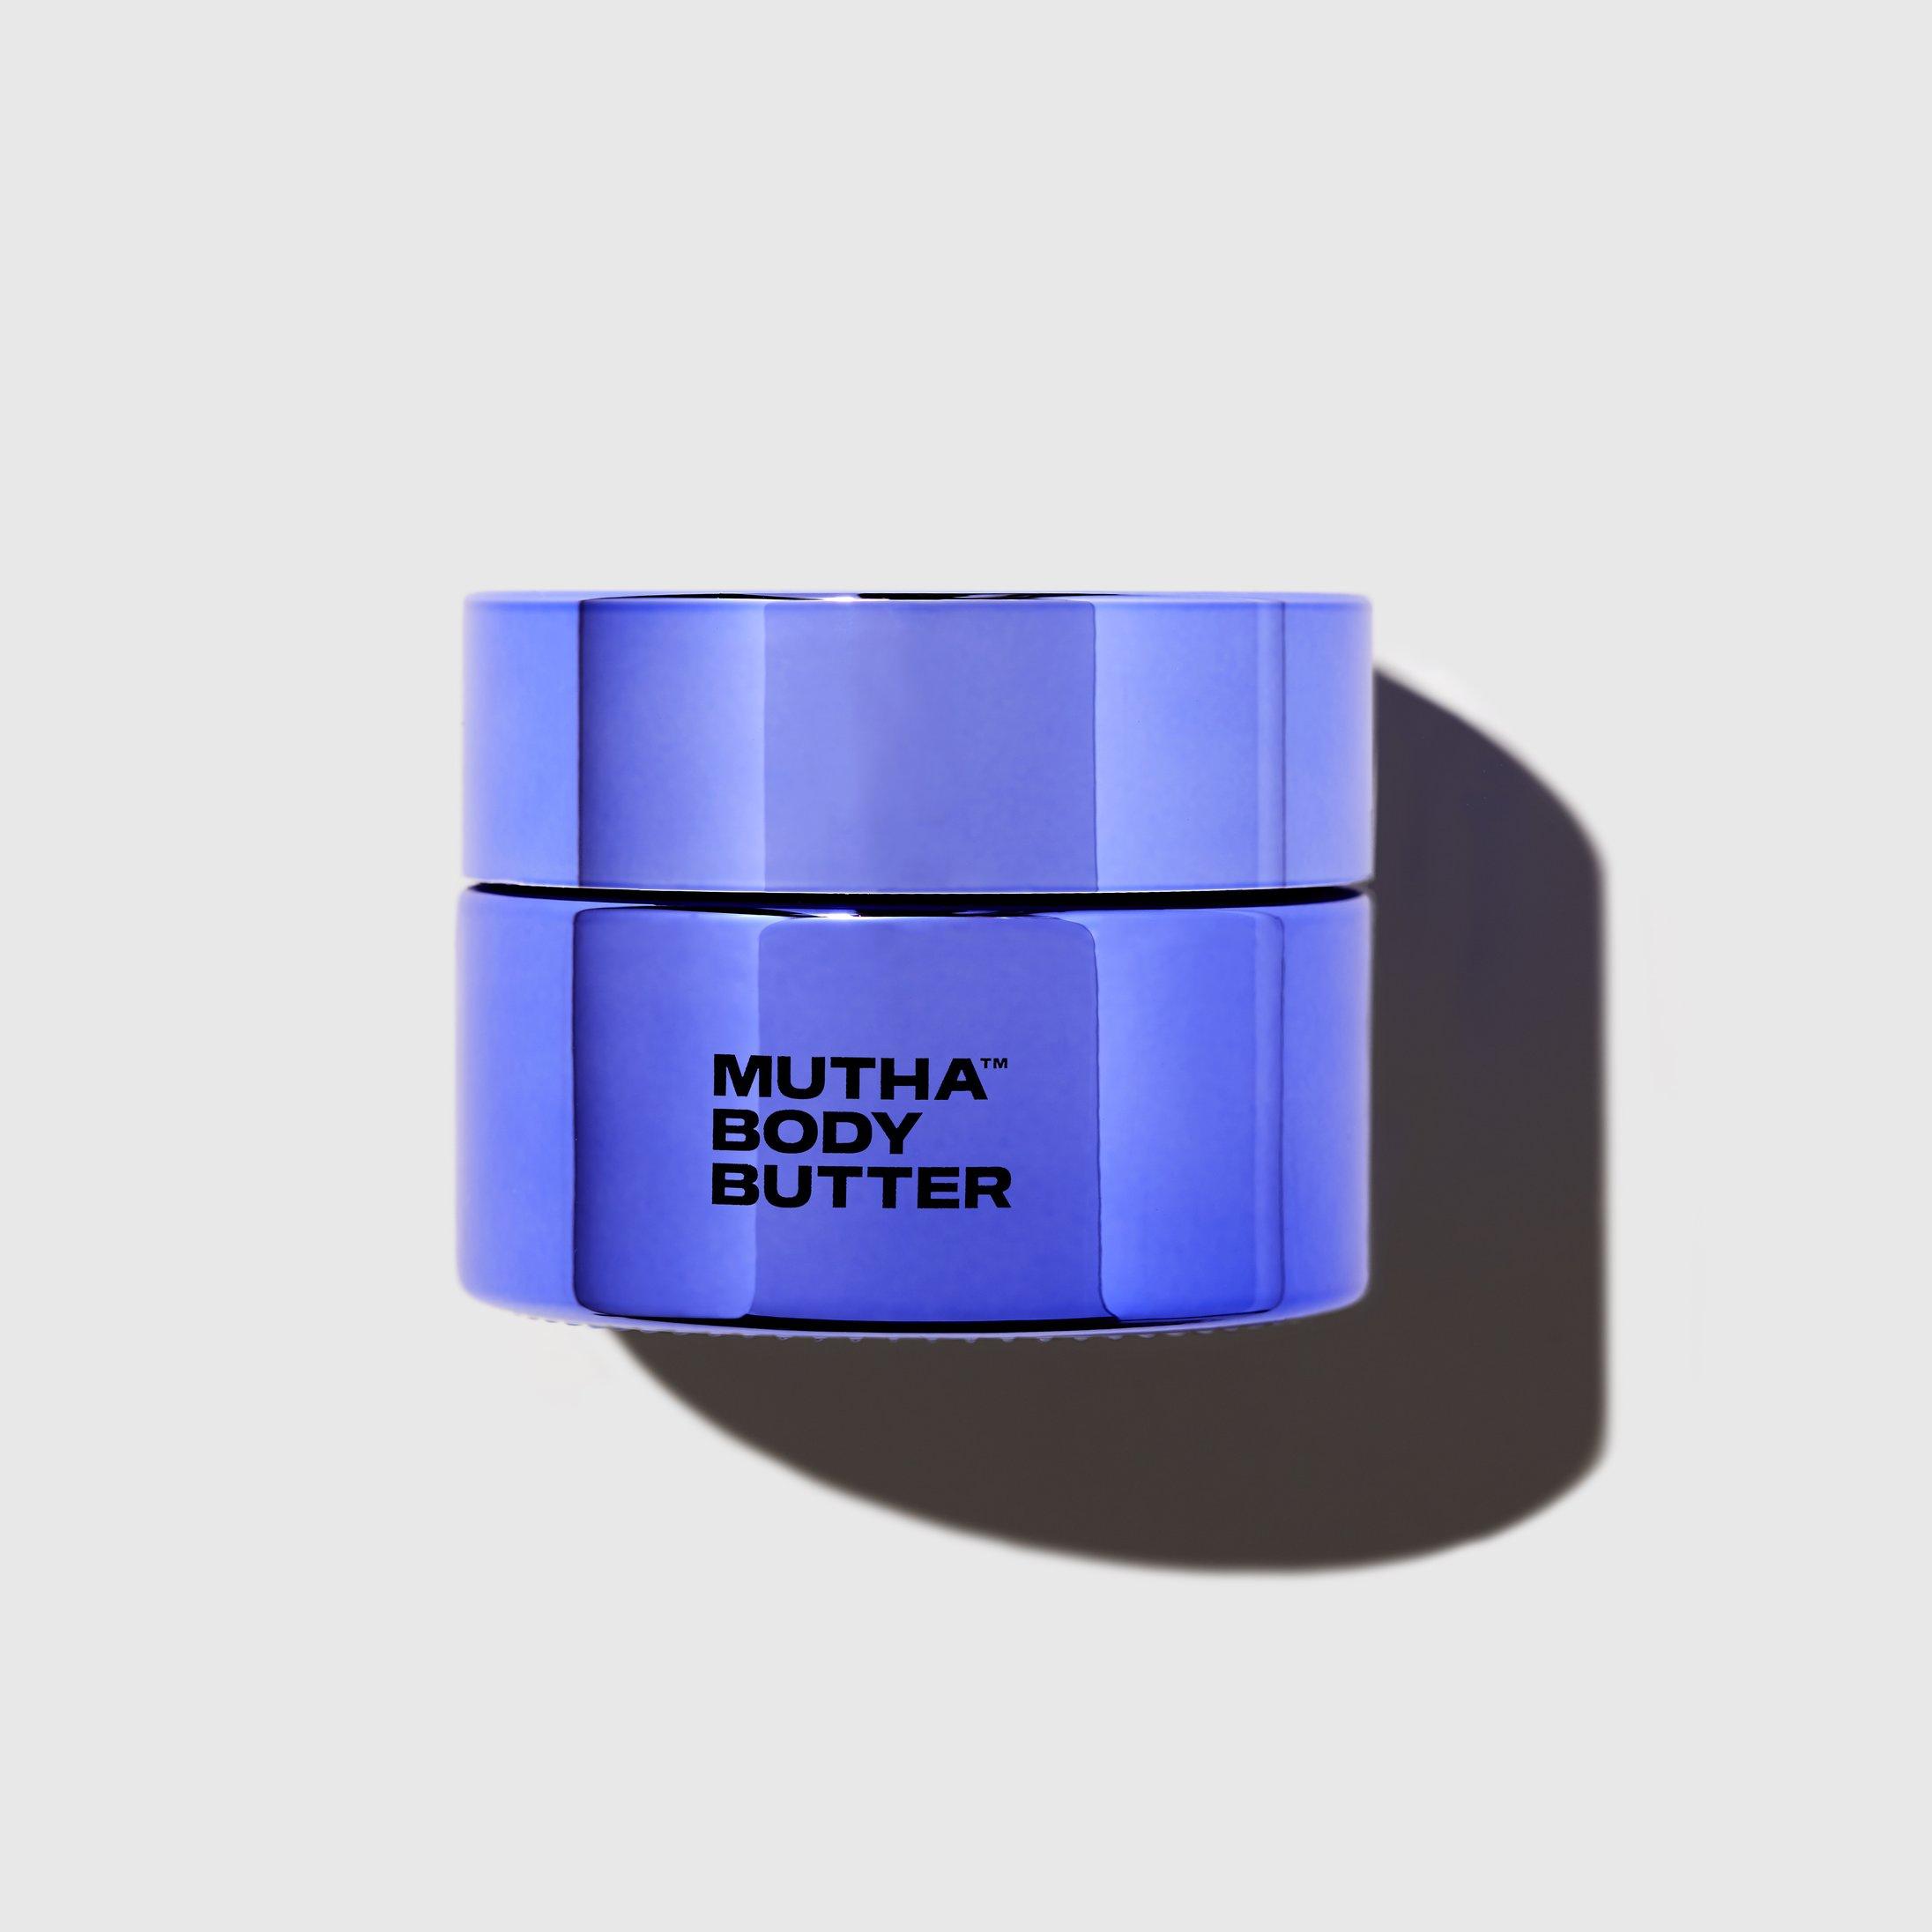 MUTHA MUTHA Body Butter